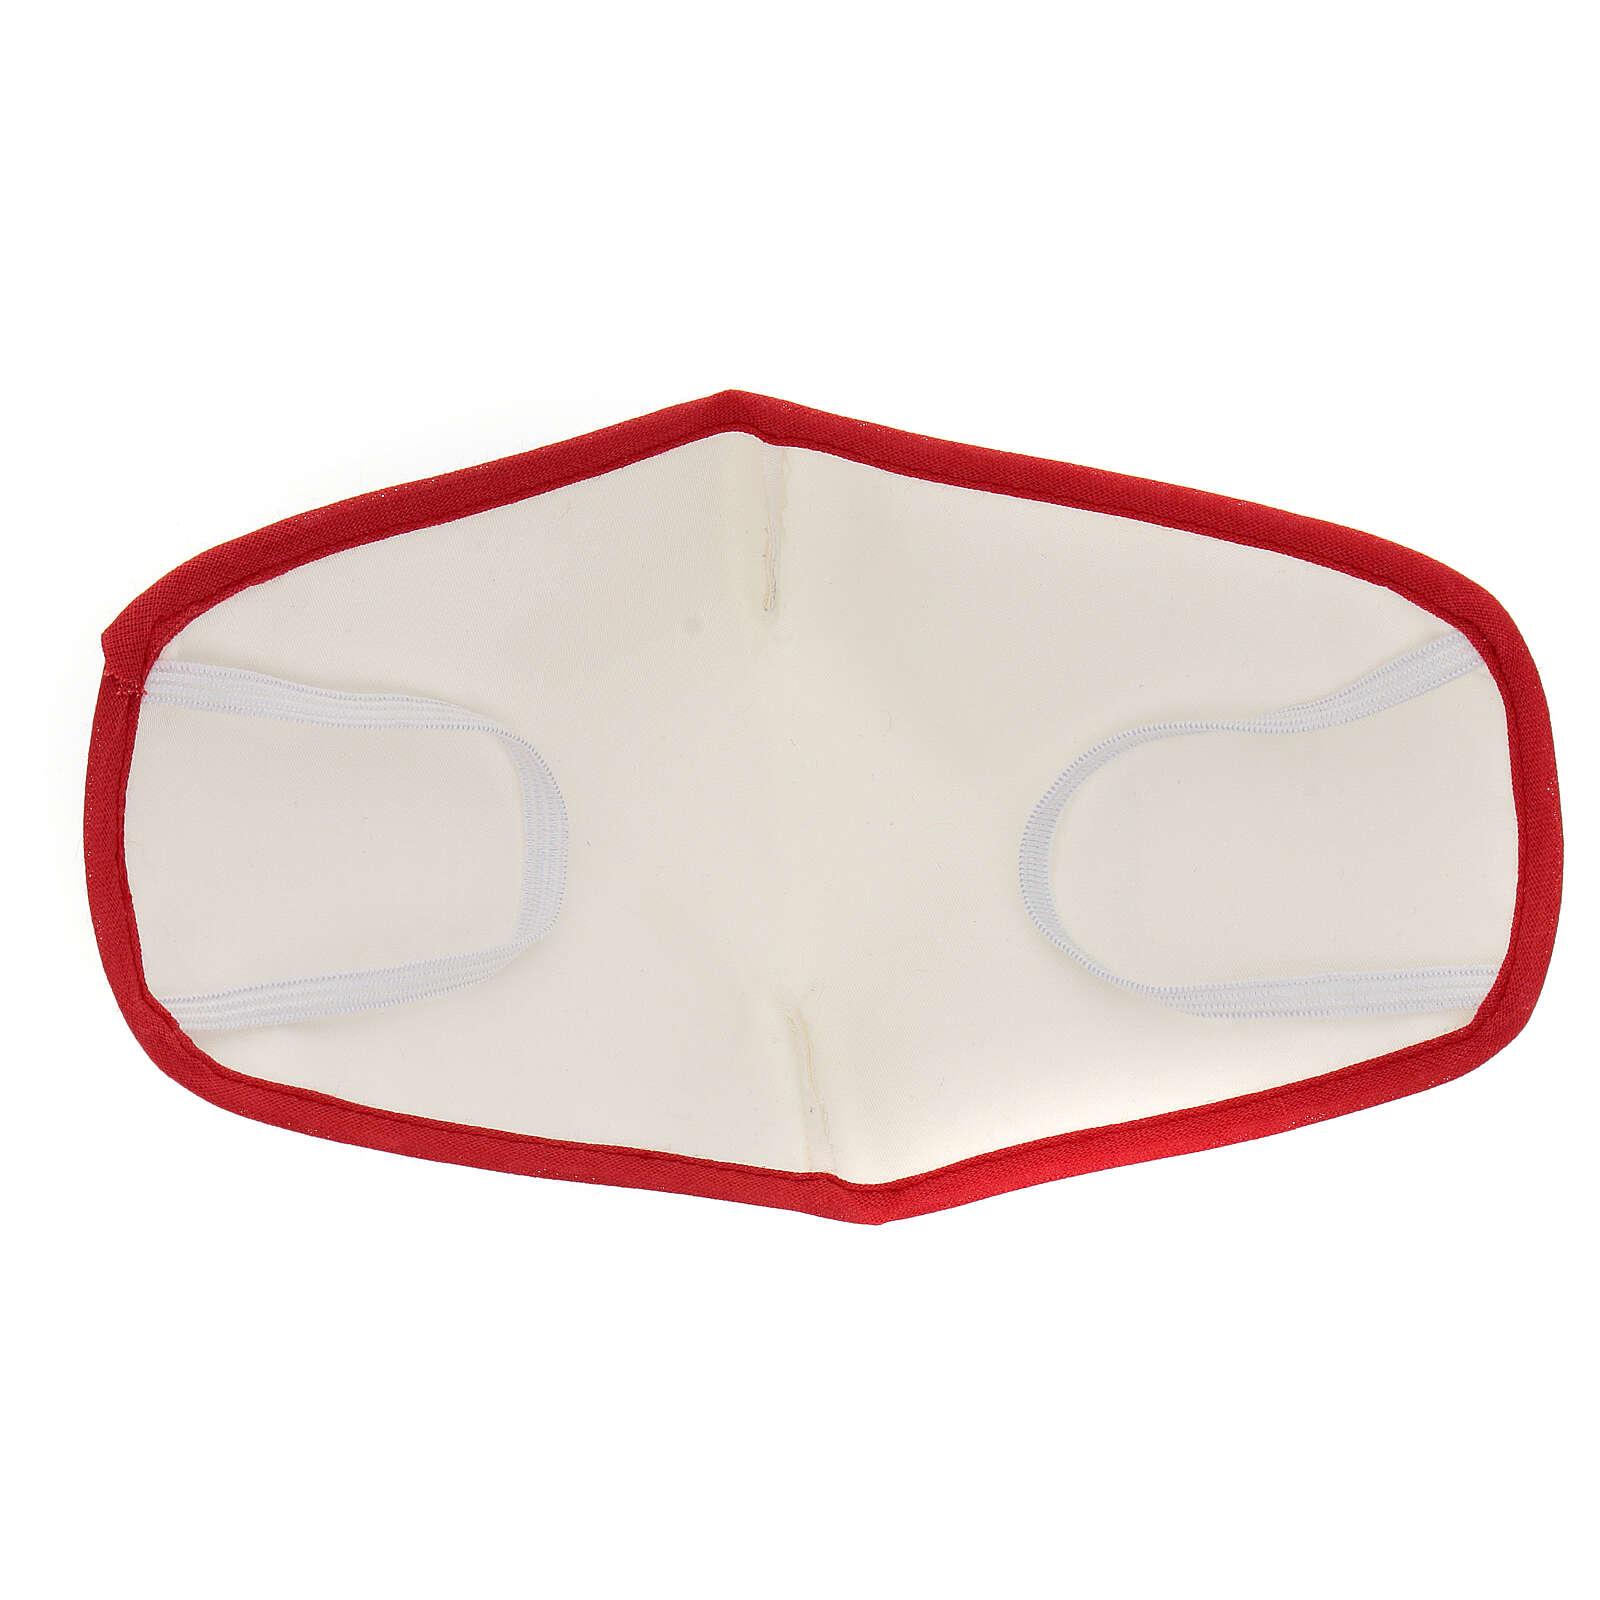 Maseczka z tkaniny wielokrotnego użytku brzeg czerwony 3